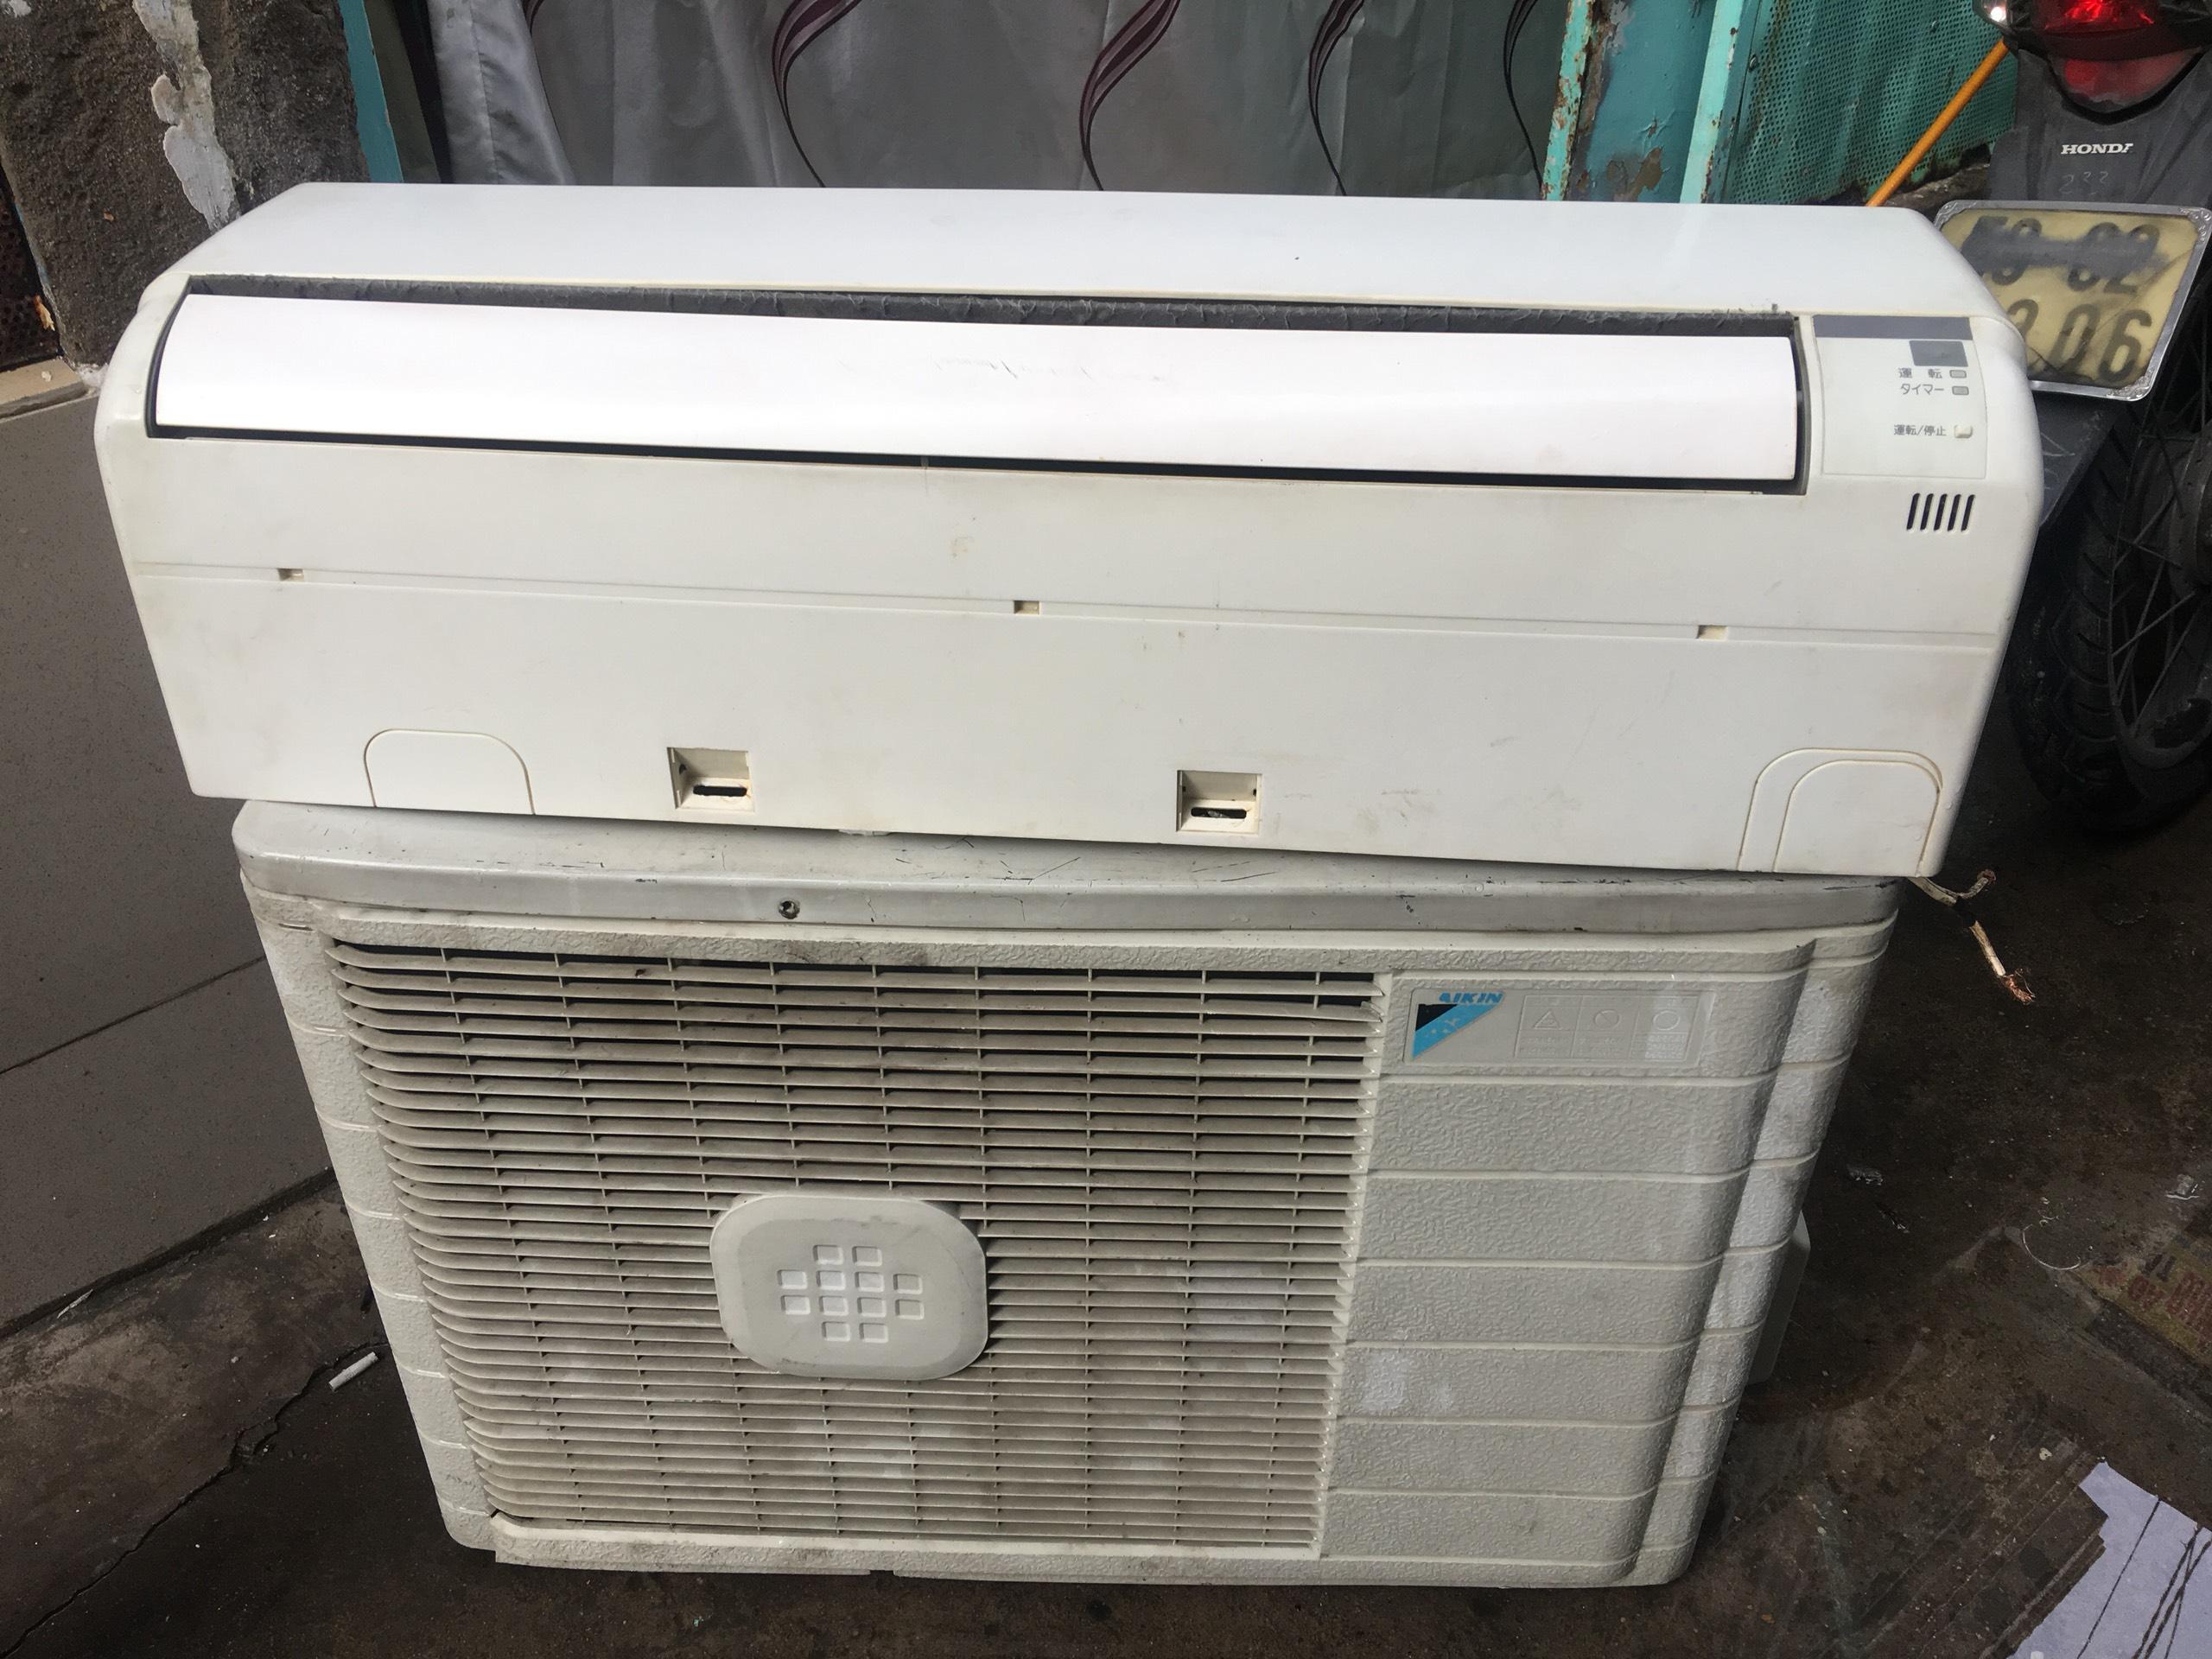 Bảng giá Máy lạnh Daikin inverter mới 85% giá rẻ tiết kiệm điện Daikin 1HP inverter nội địa - bao lắp đặt(chỉ nội thành HCM)